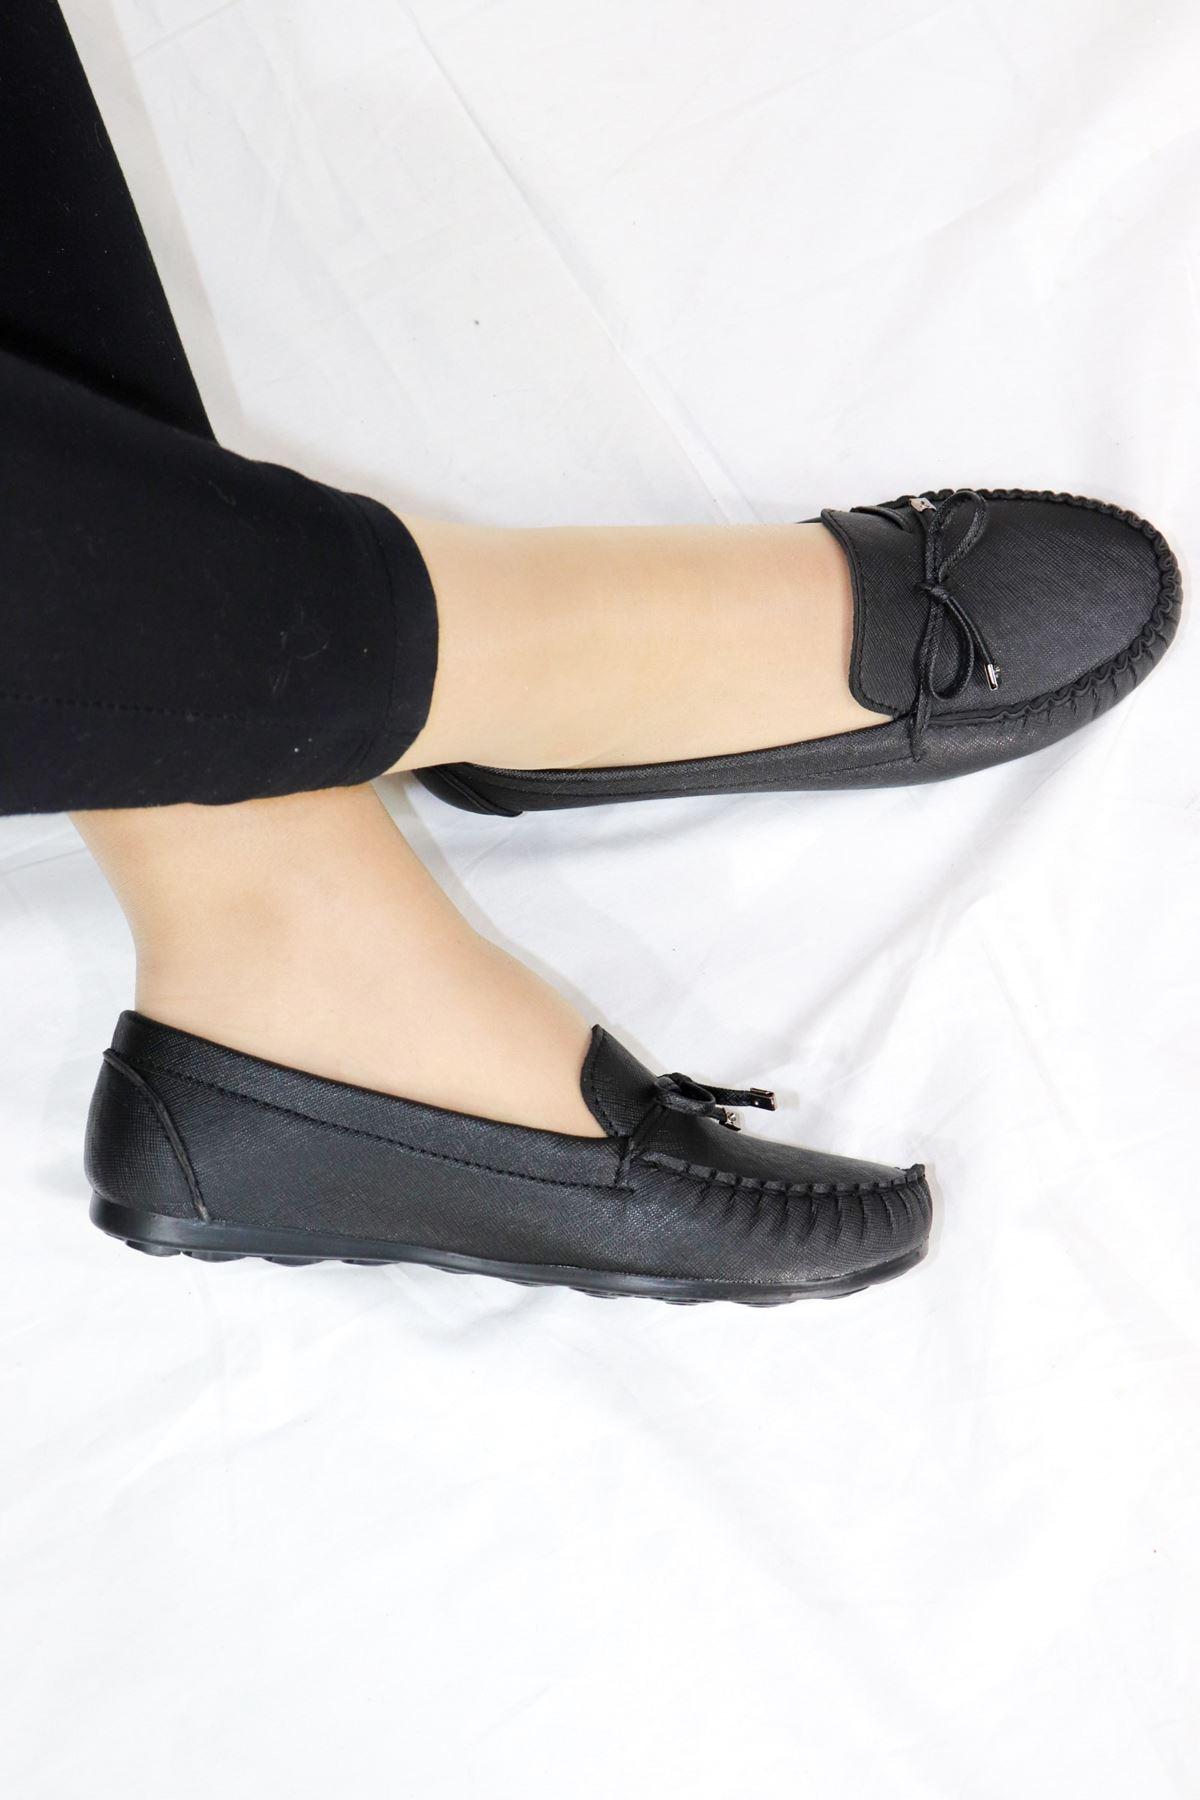 Trendayakkabı - Siyah Fiyonk Detaylı Babet